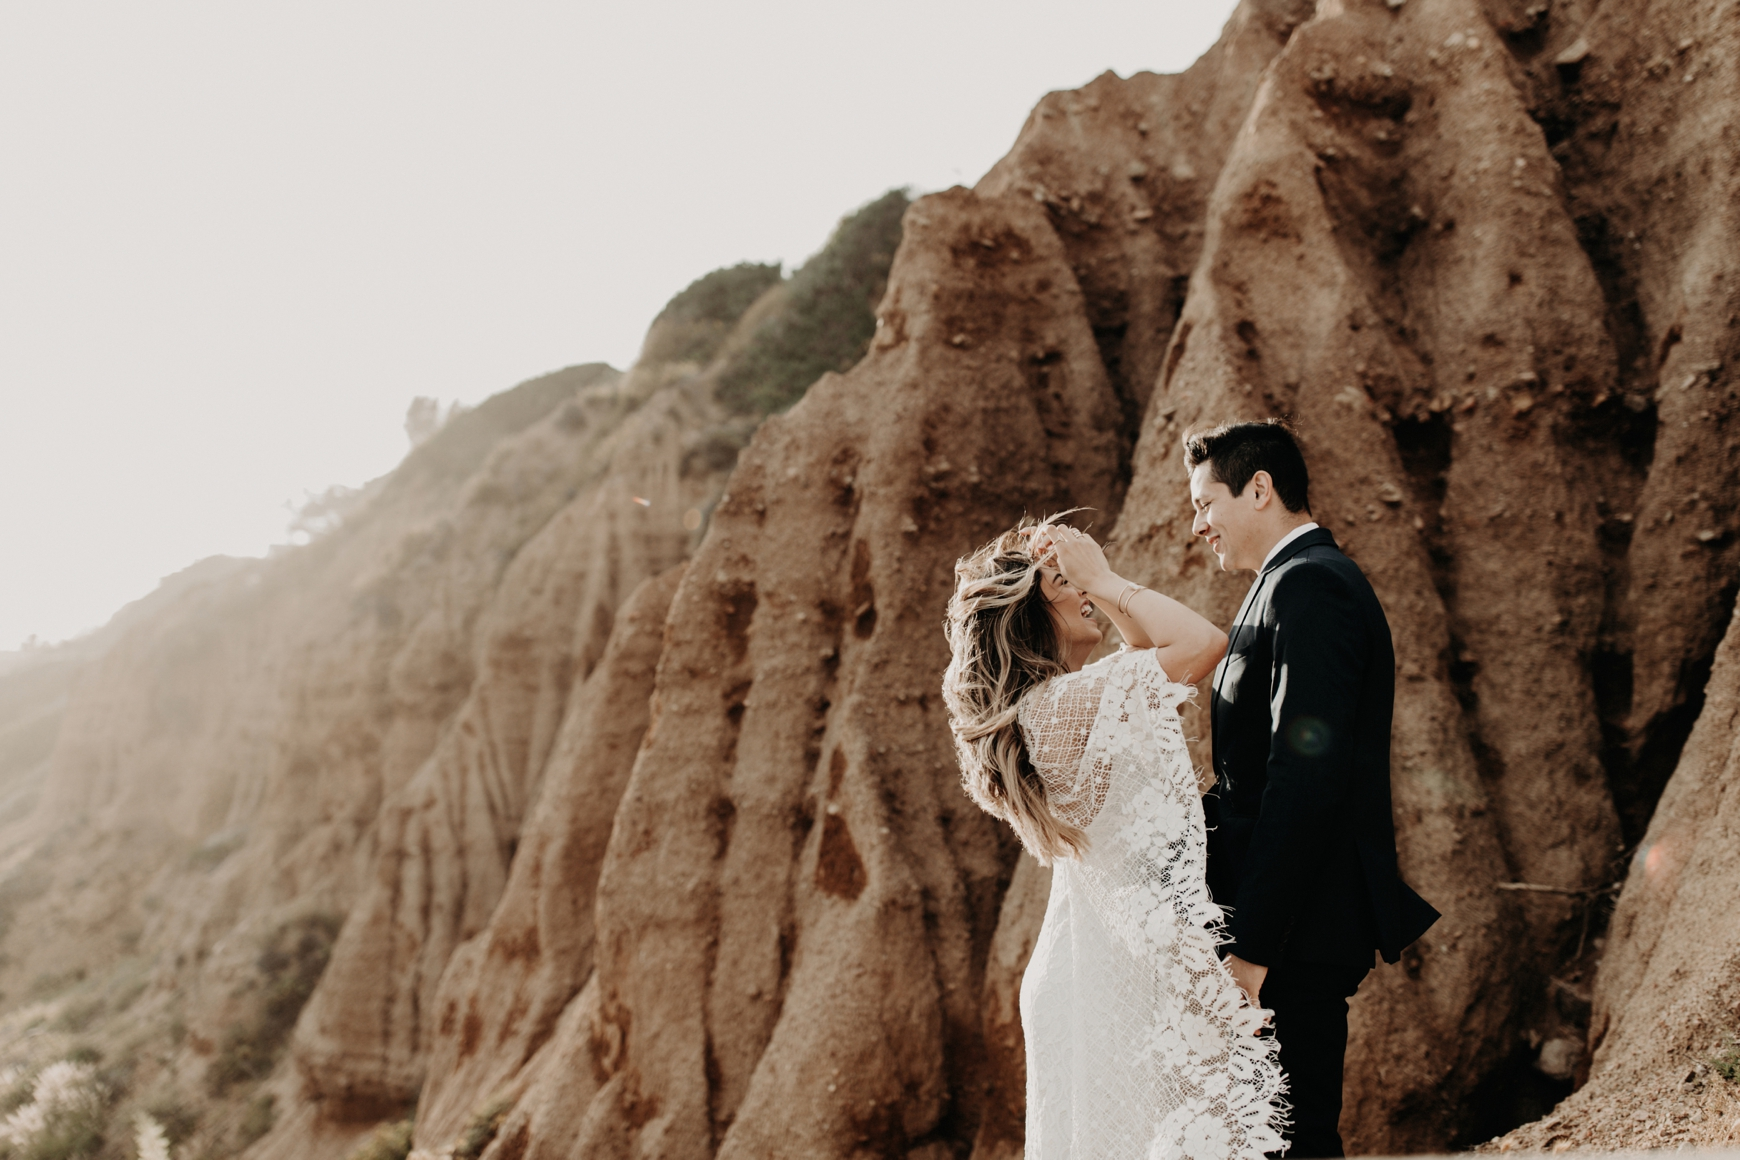 El Matador Beach Bridal Portraits Justellen & TJ Emily Magers Photography-143Emily Magers Photography.jpg